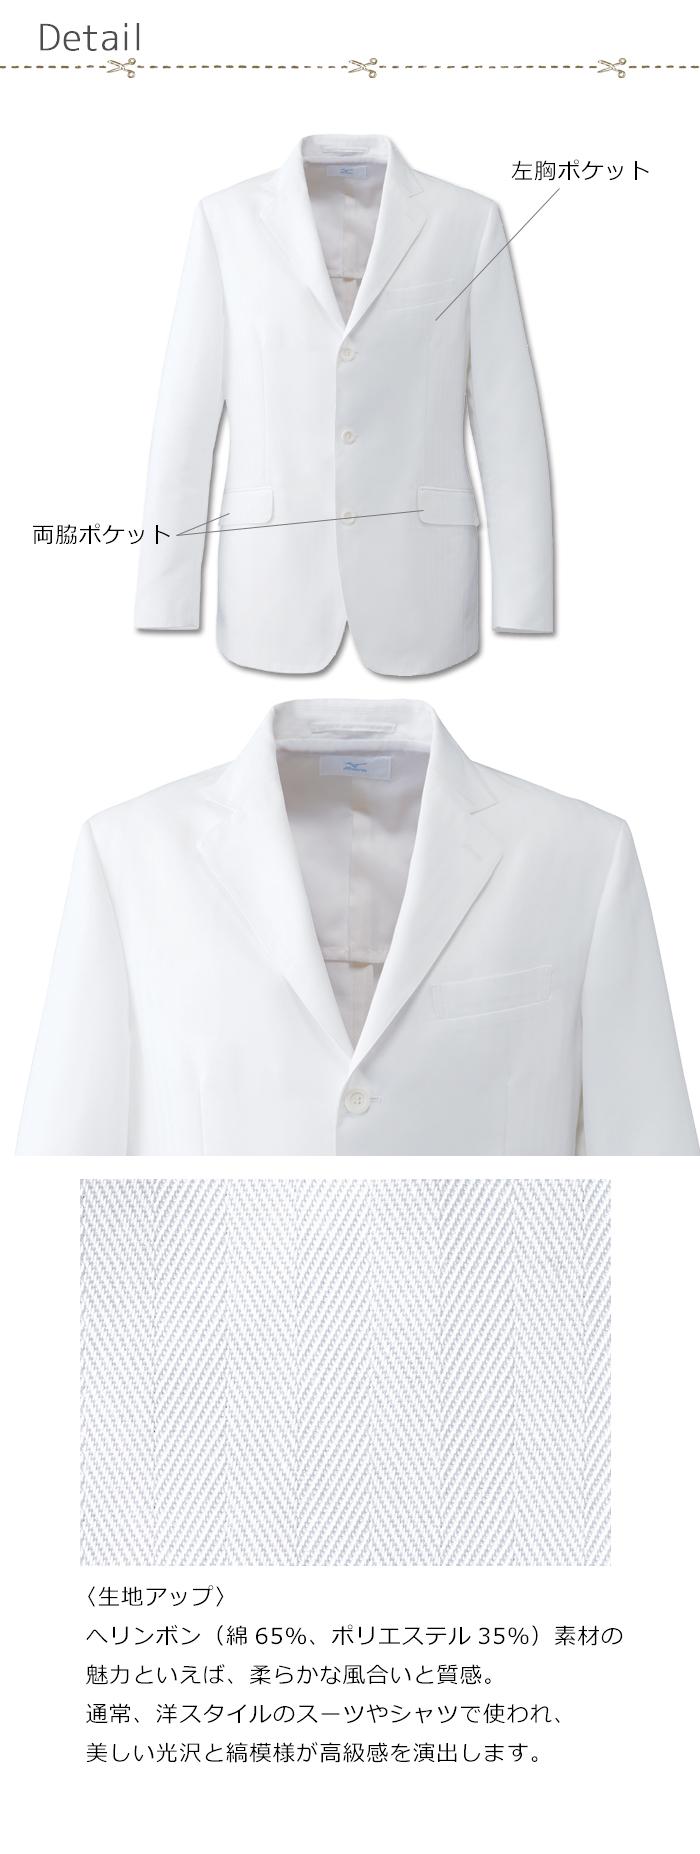 MZ0131ワンランク上のドクタージャケット【男】